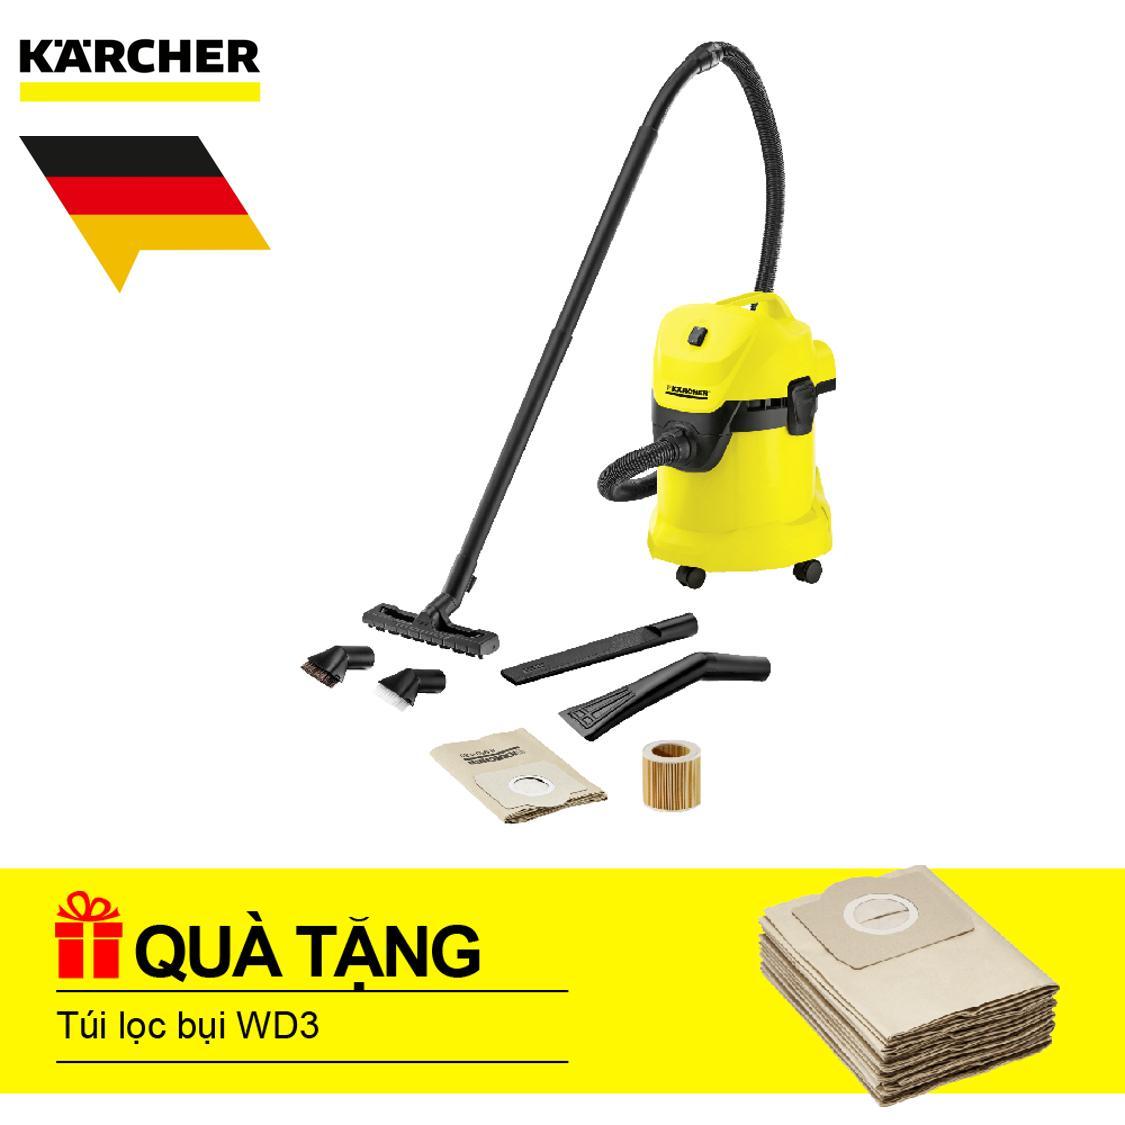 Máy hút bụi khô & ướt Karcher WD 3 Car + Túi lọc bụi WD3 (Bộ 5 cái)